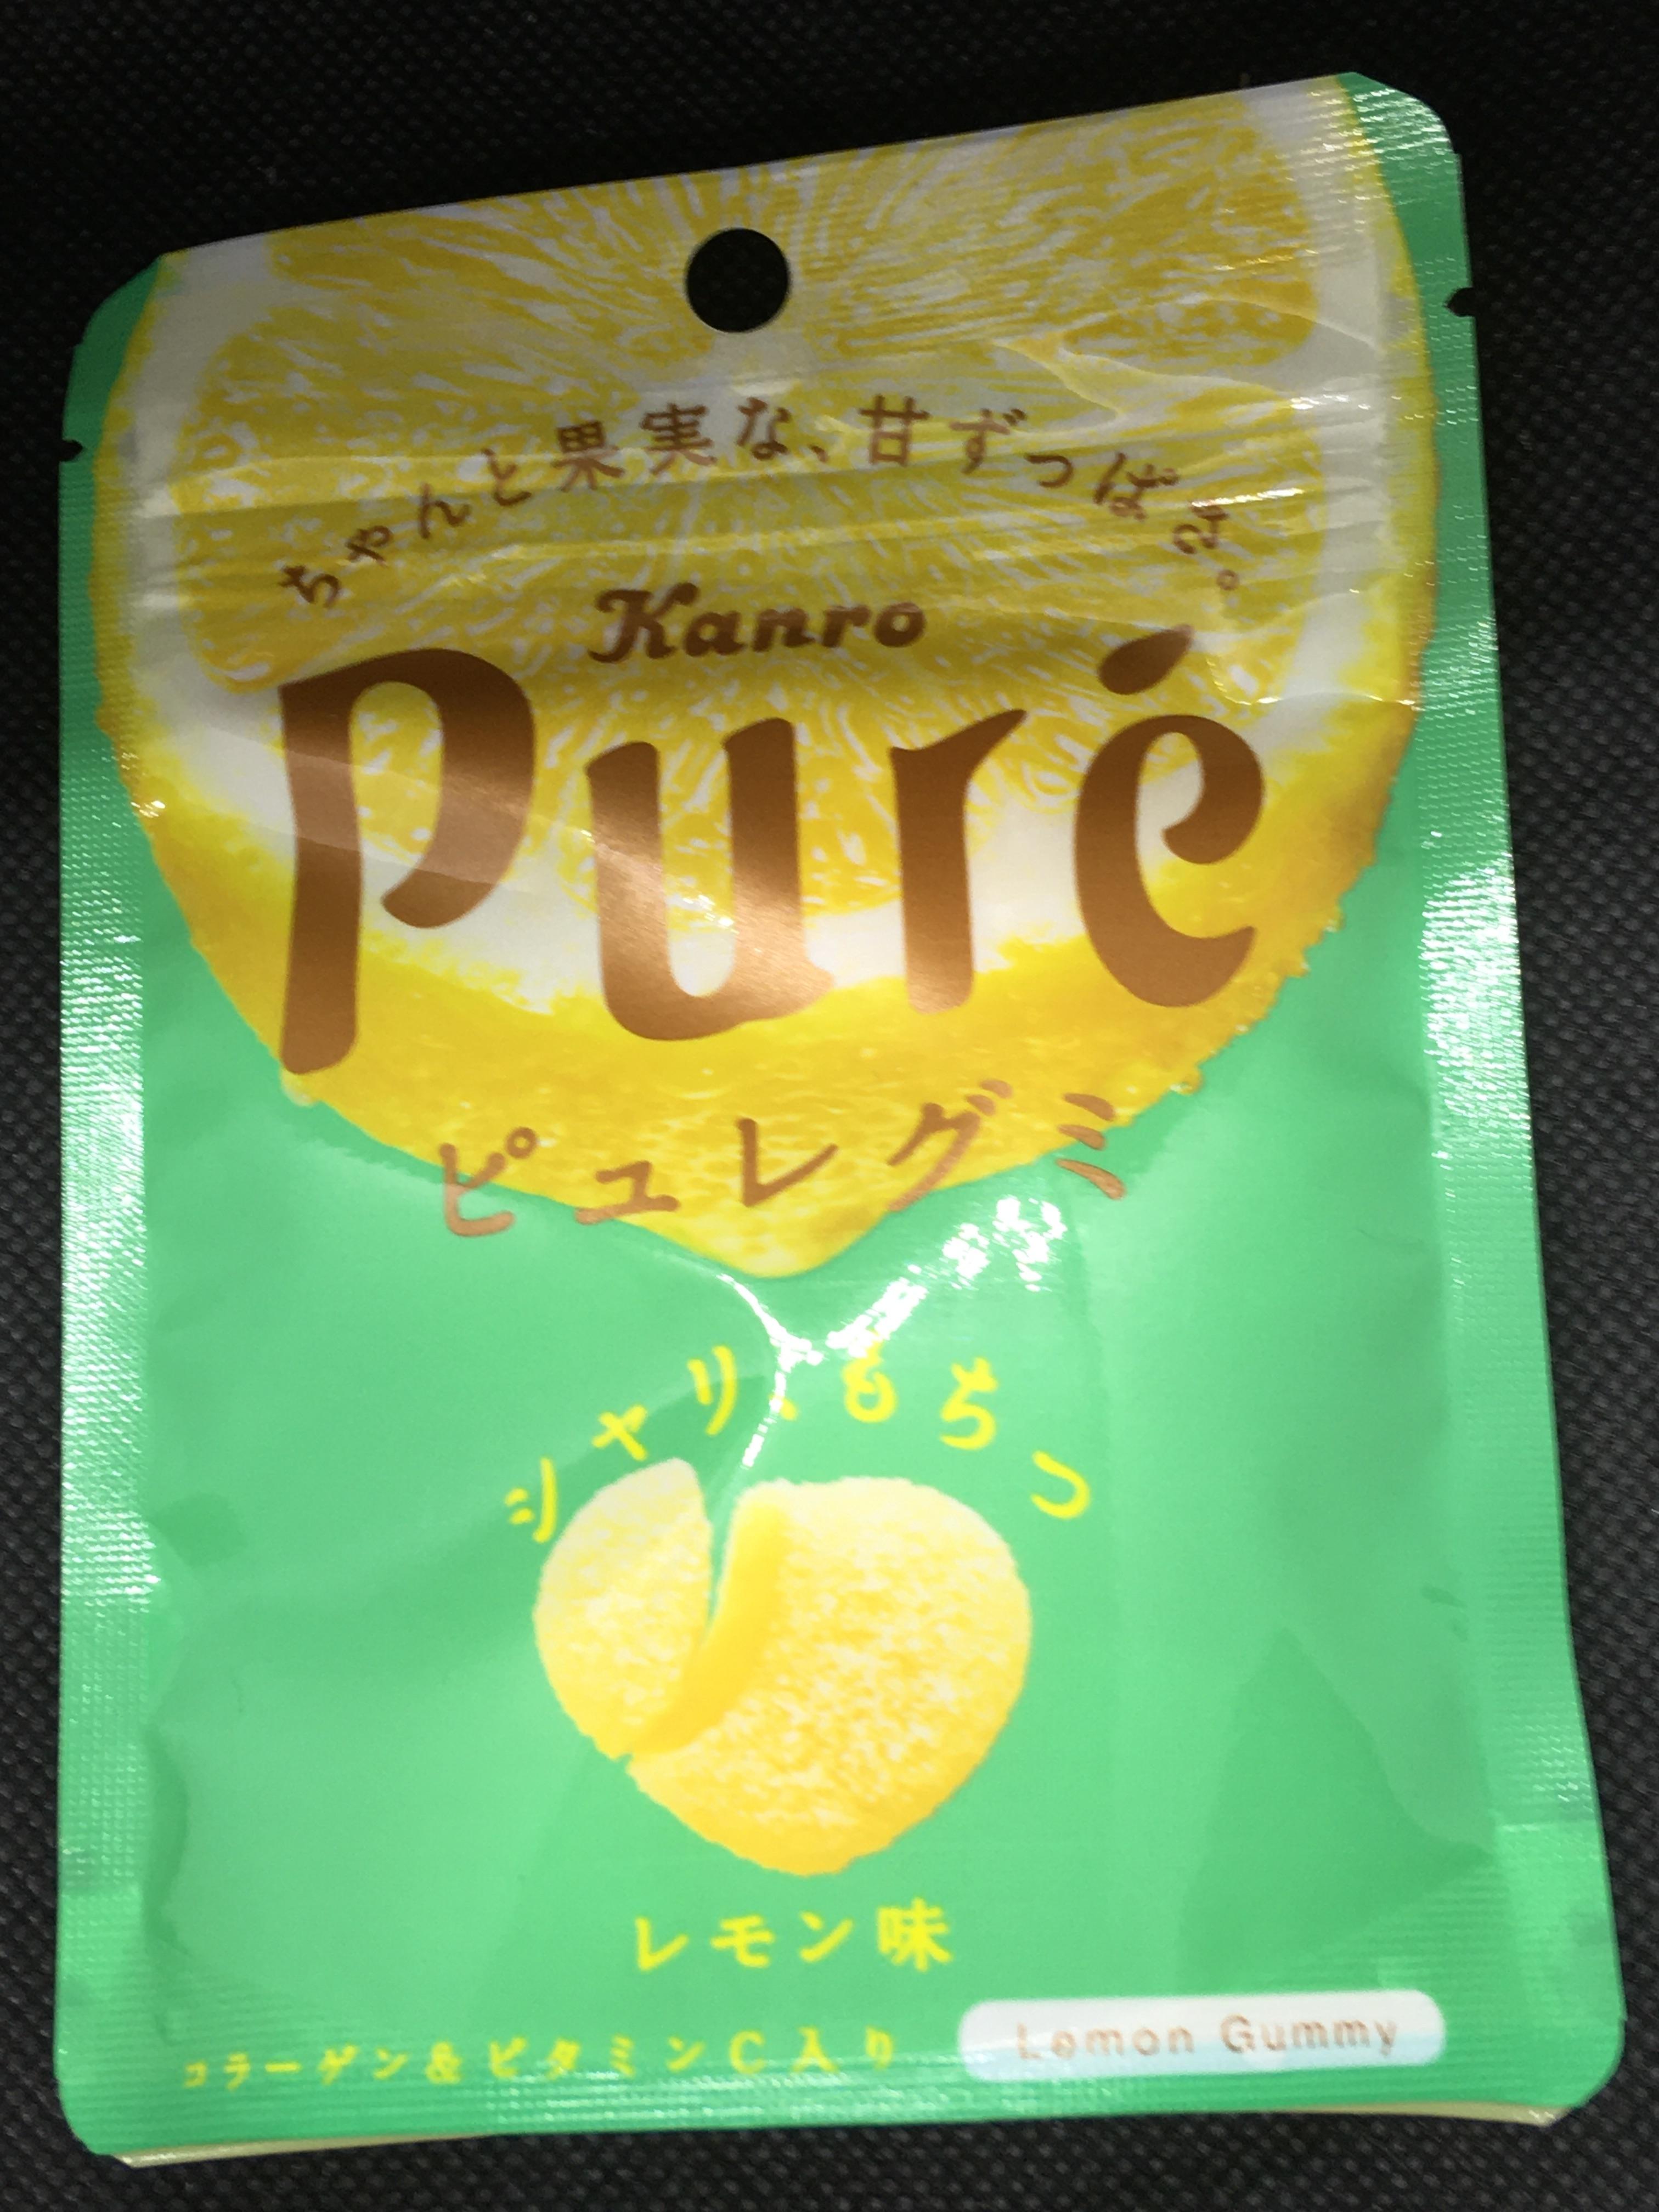 ピュレグミ レモン